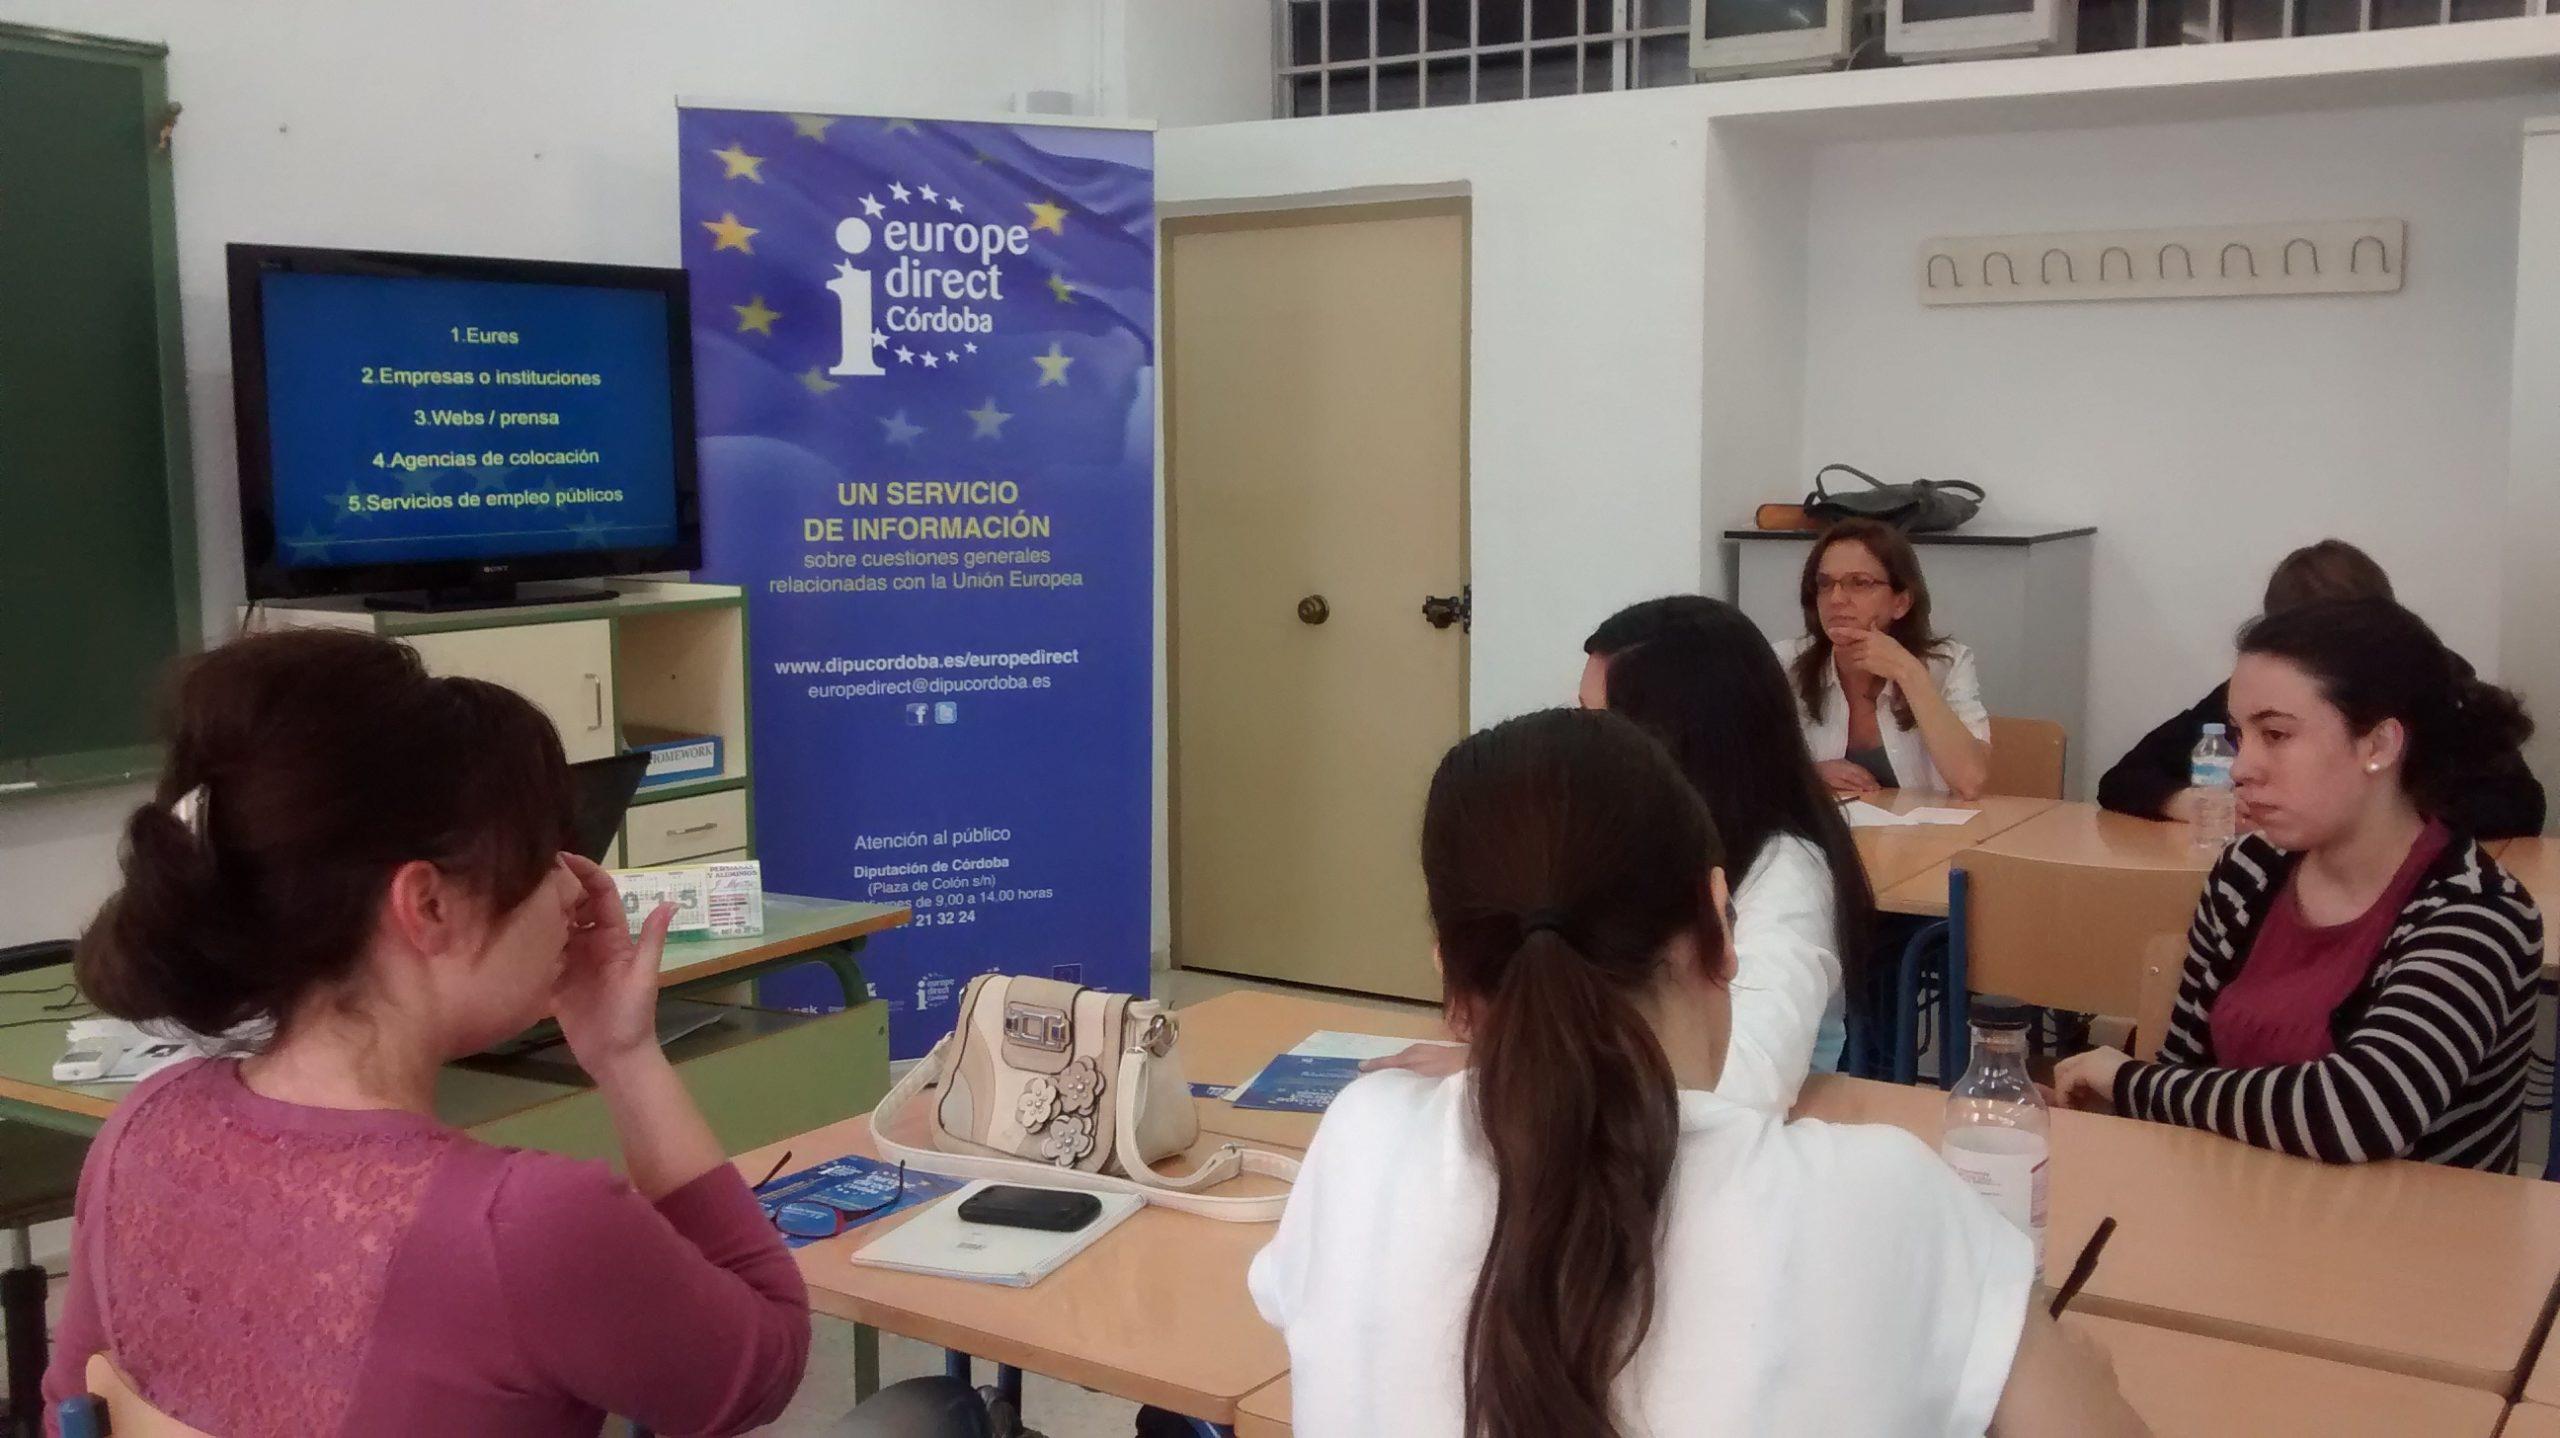 Día de Europa 2015 en la Escuela Oficial de Idiomas de Córdoba, 5 de mayo. Sesión informativa.